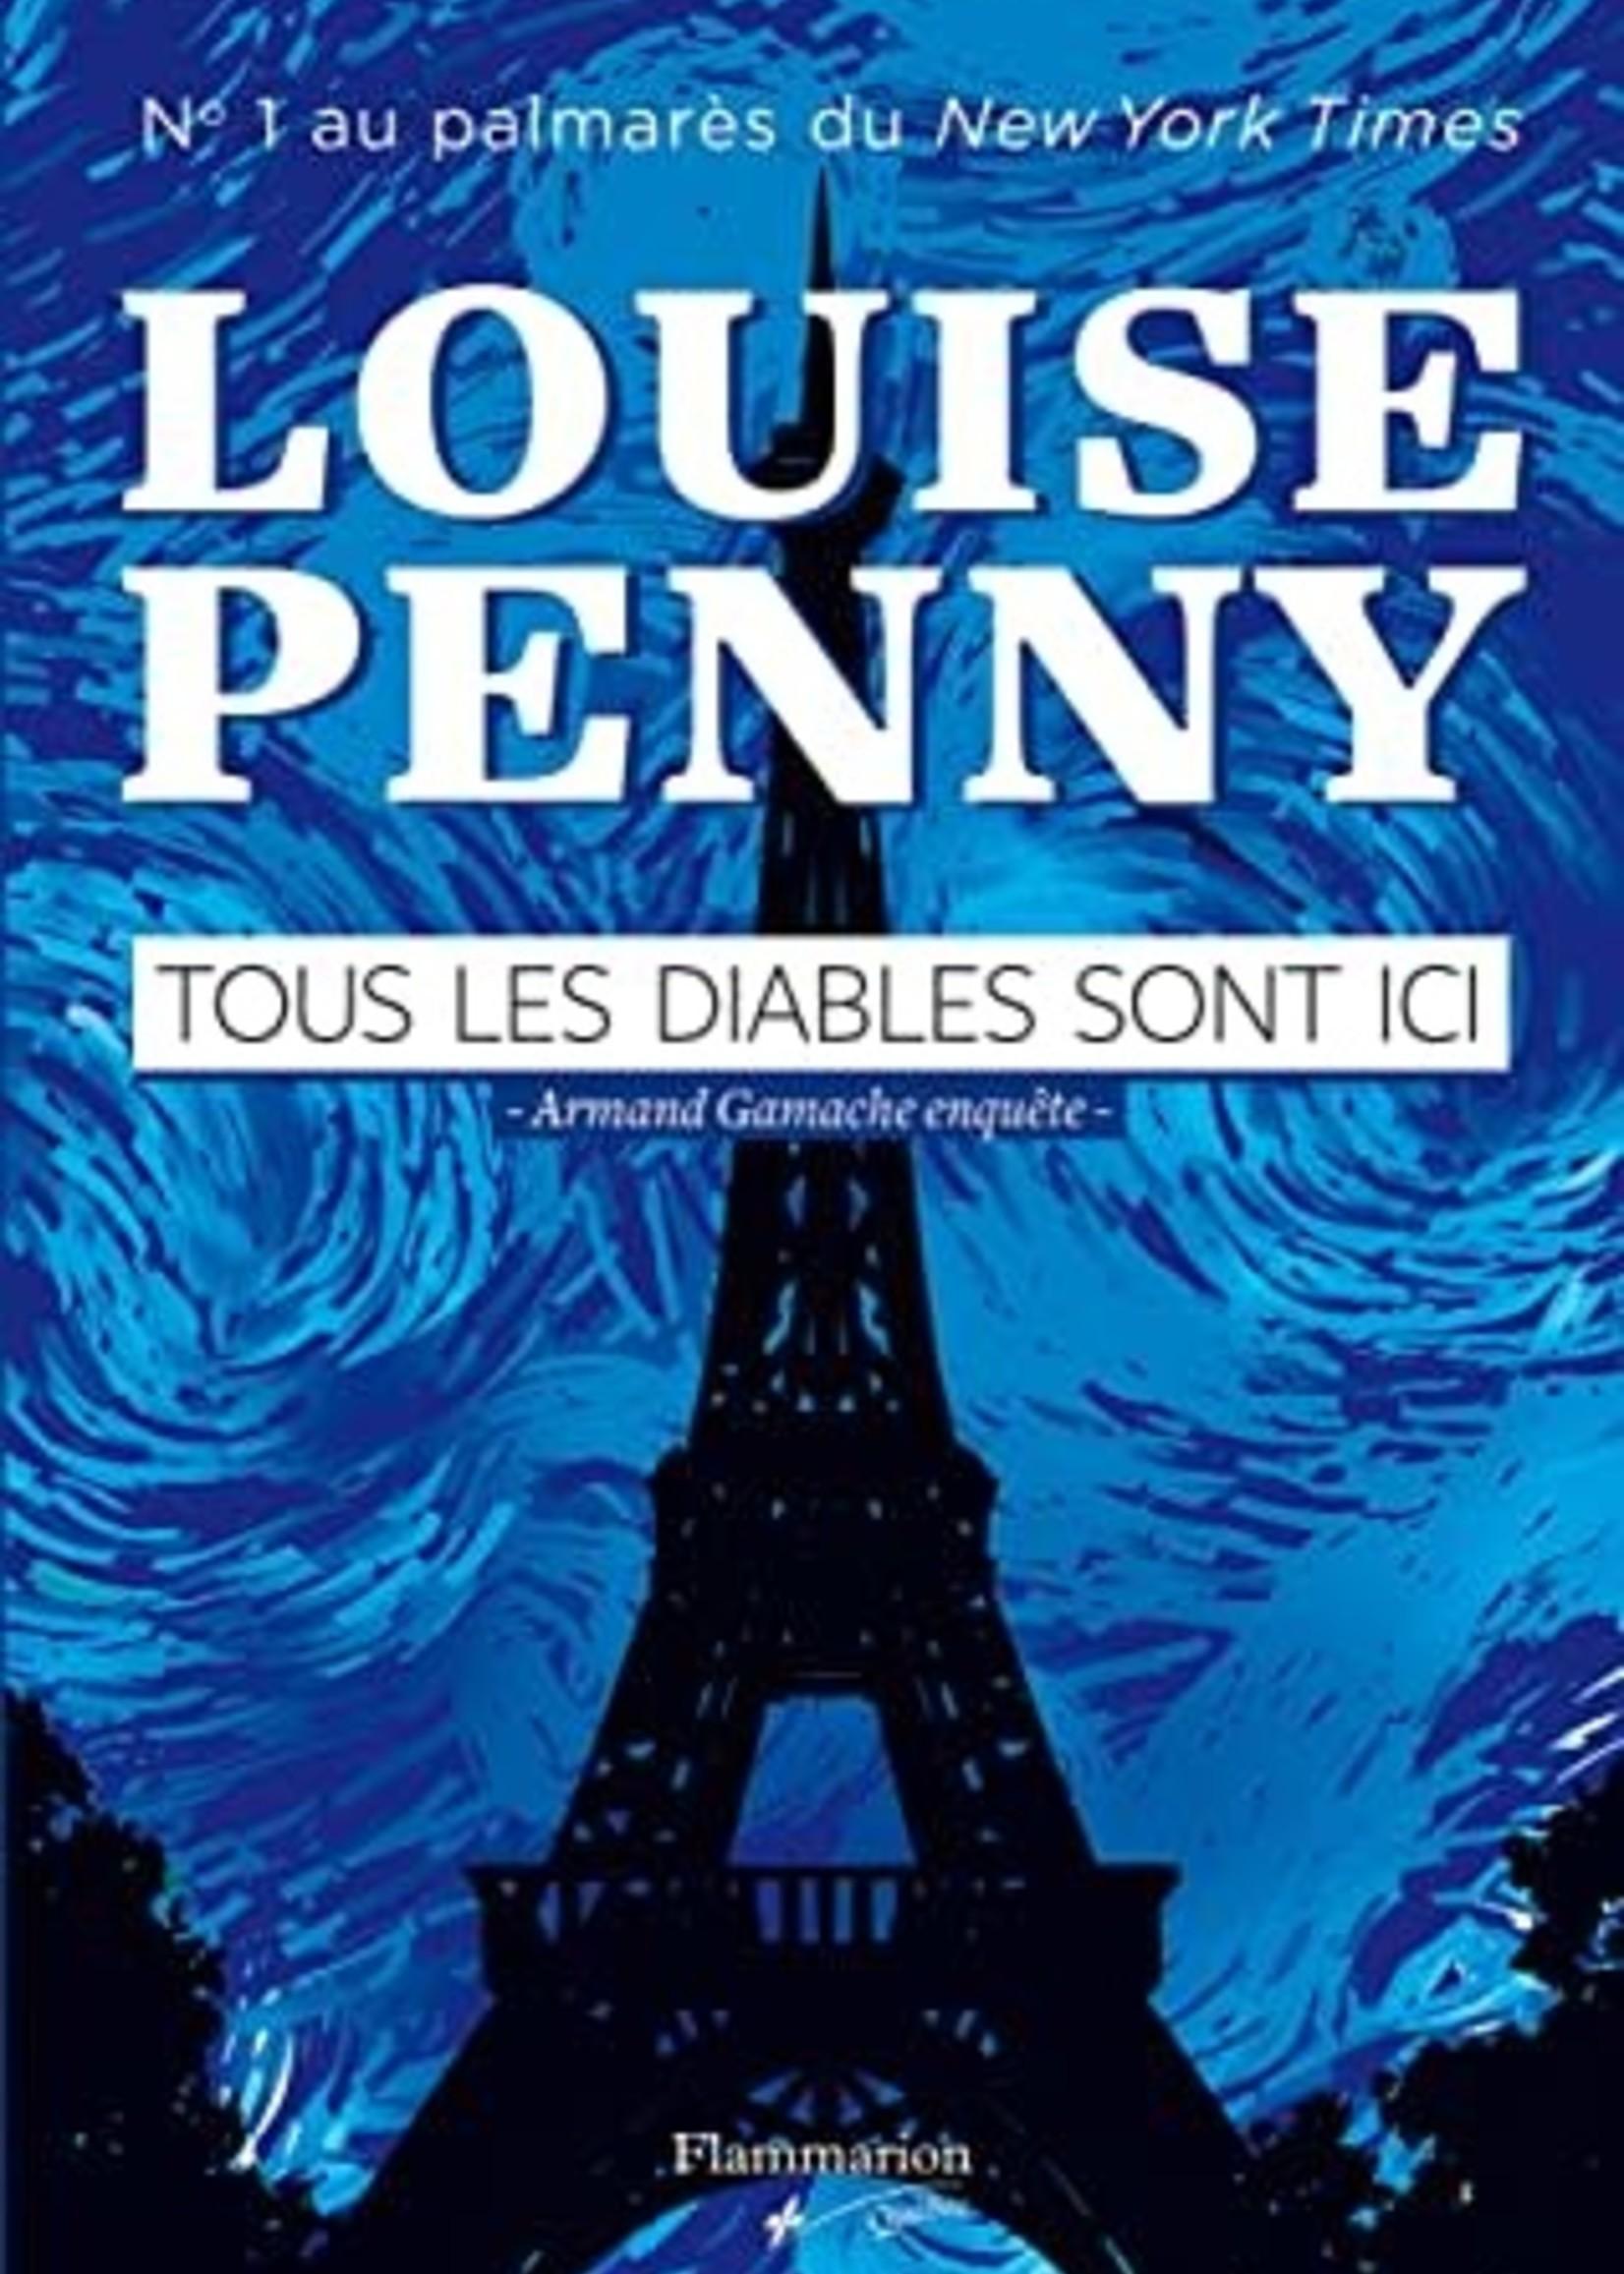 Tous les diables sont ici by Louise Penny